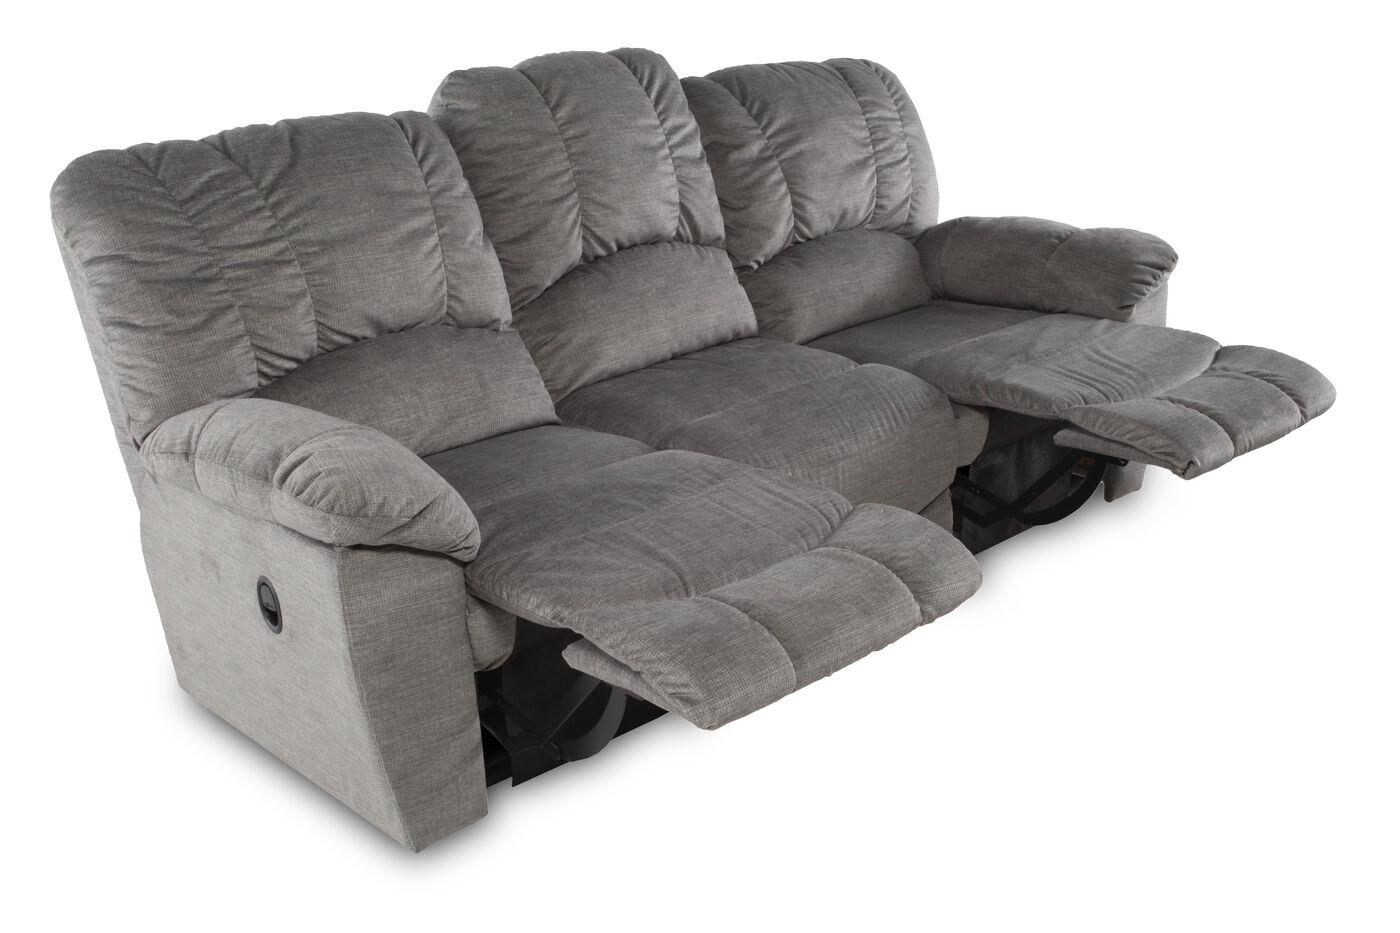 Loveseat Sofa Bed Lazy Boy Sofa Menzilperde Net